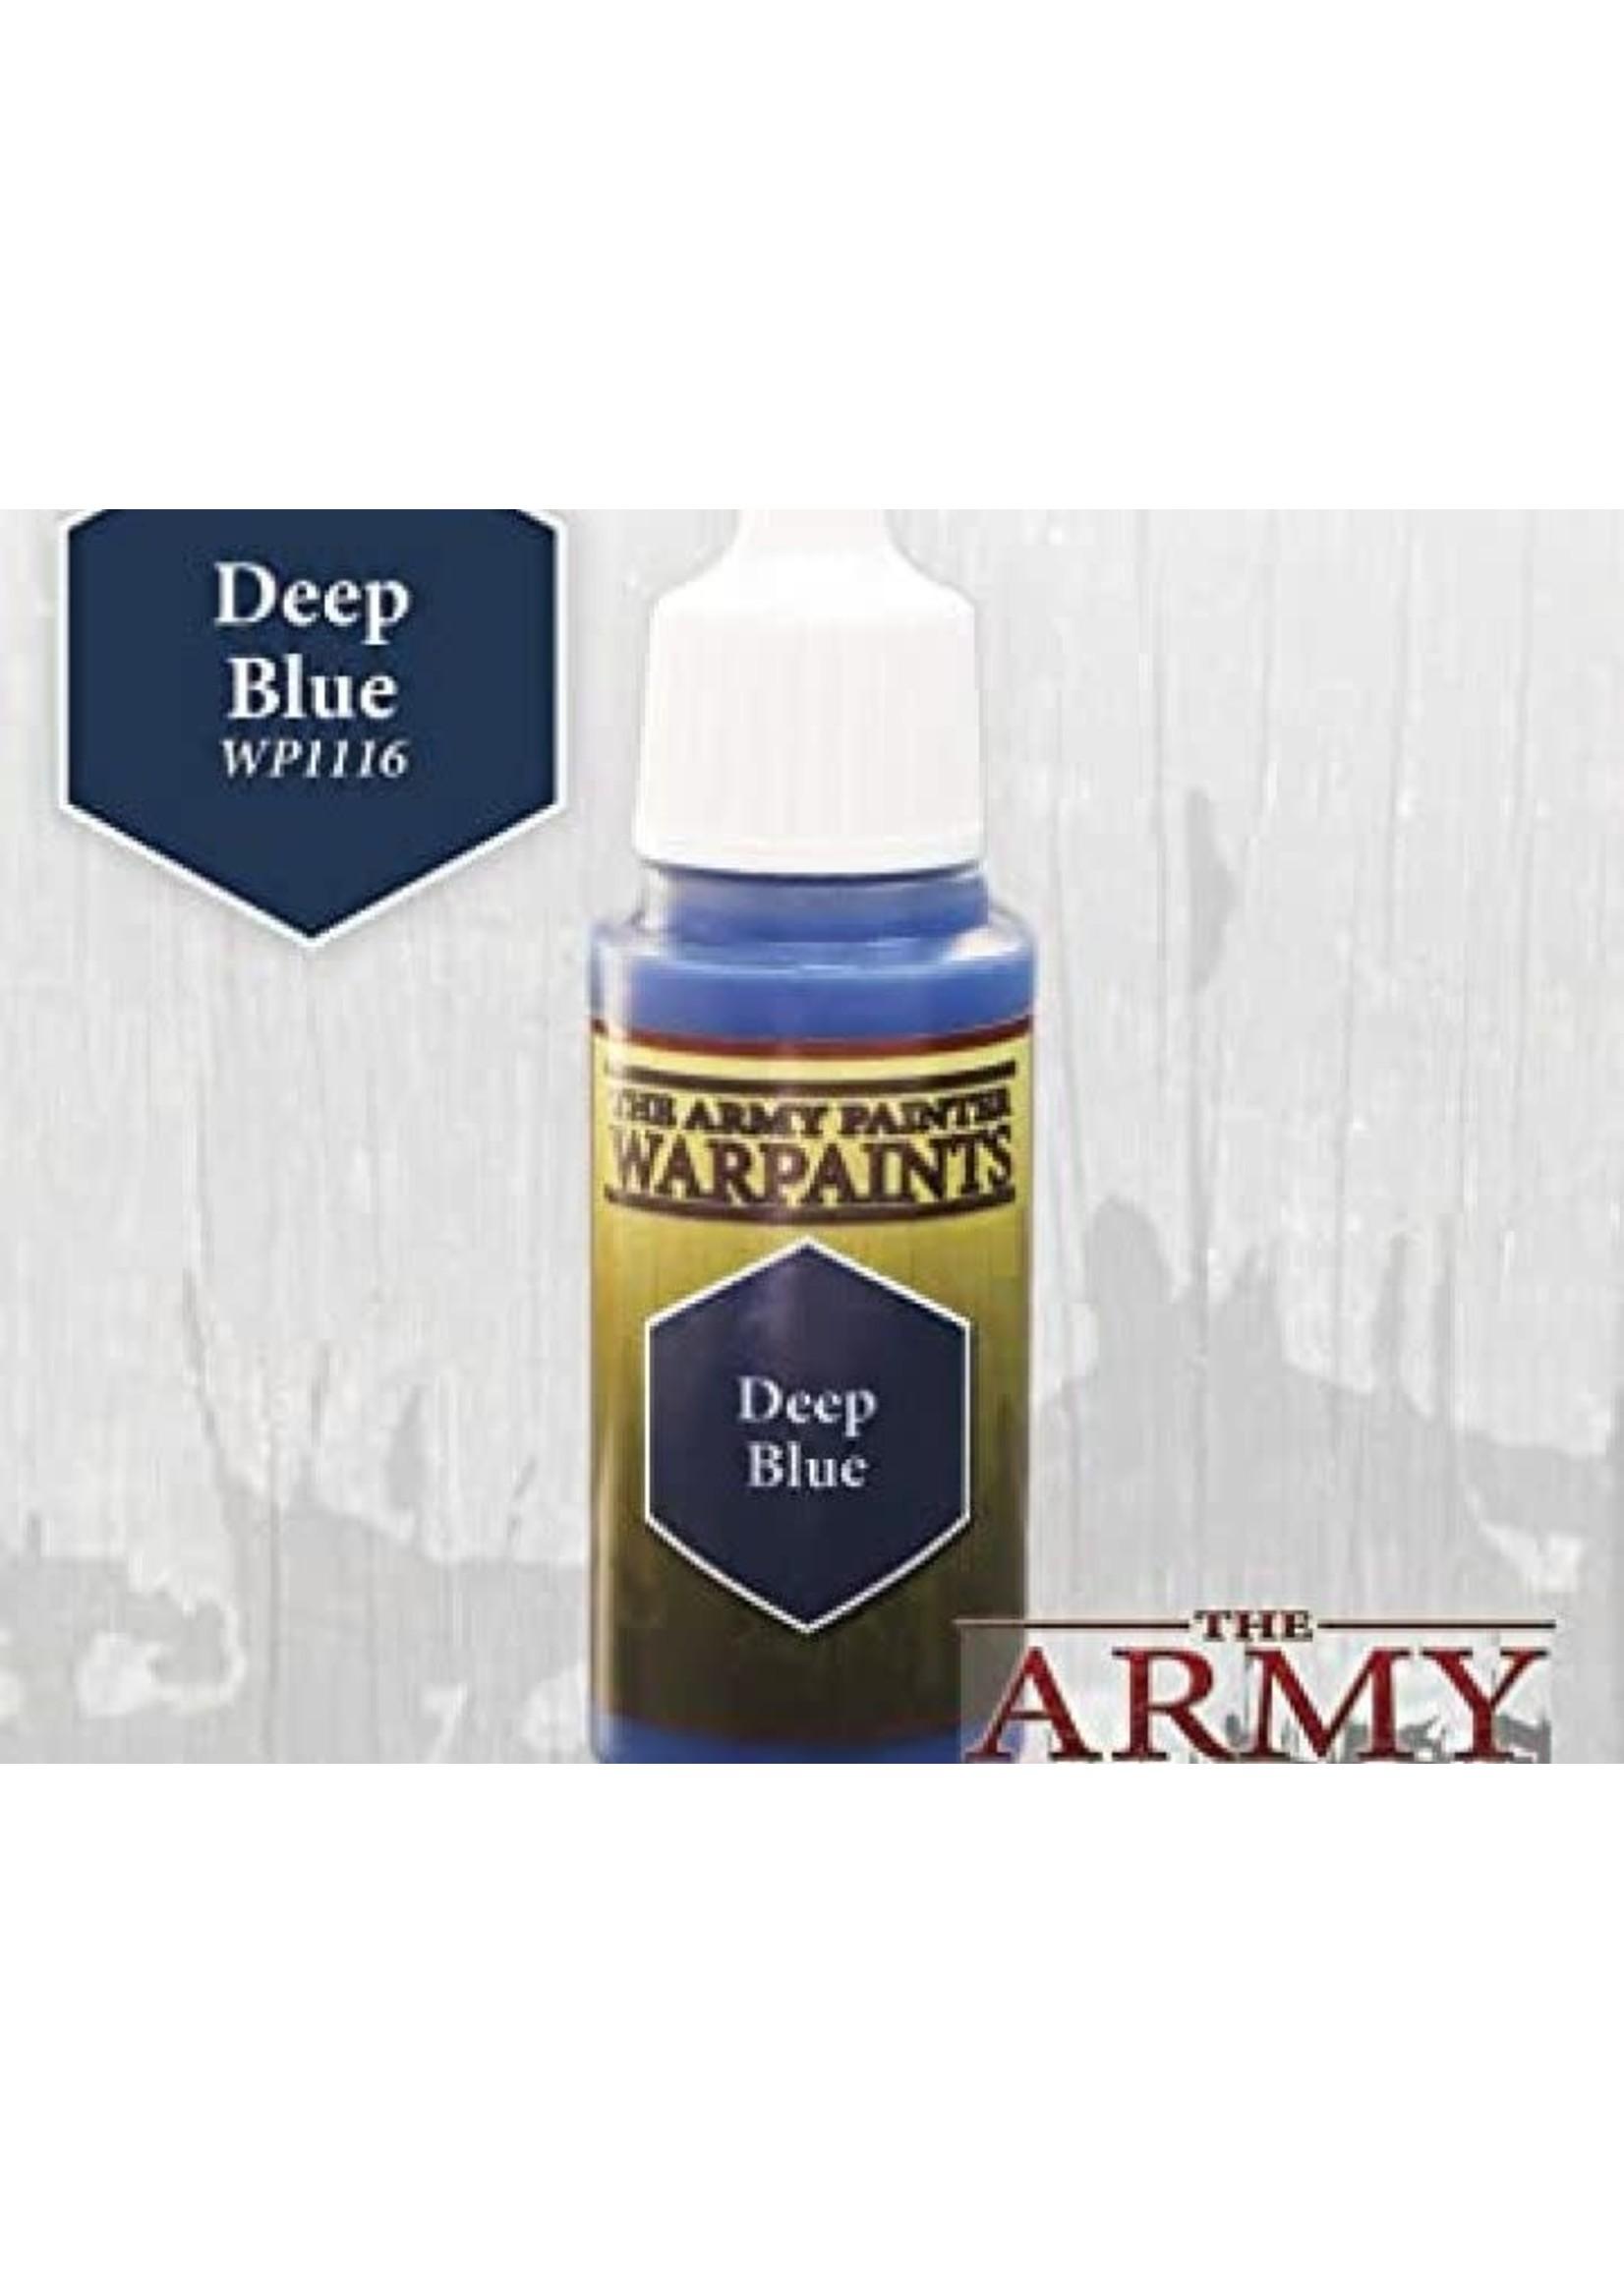 Army Painter Warpaints - Deep Blue